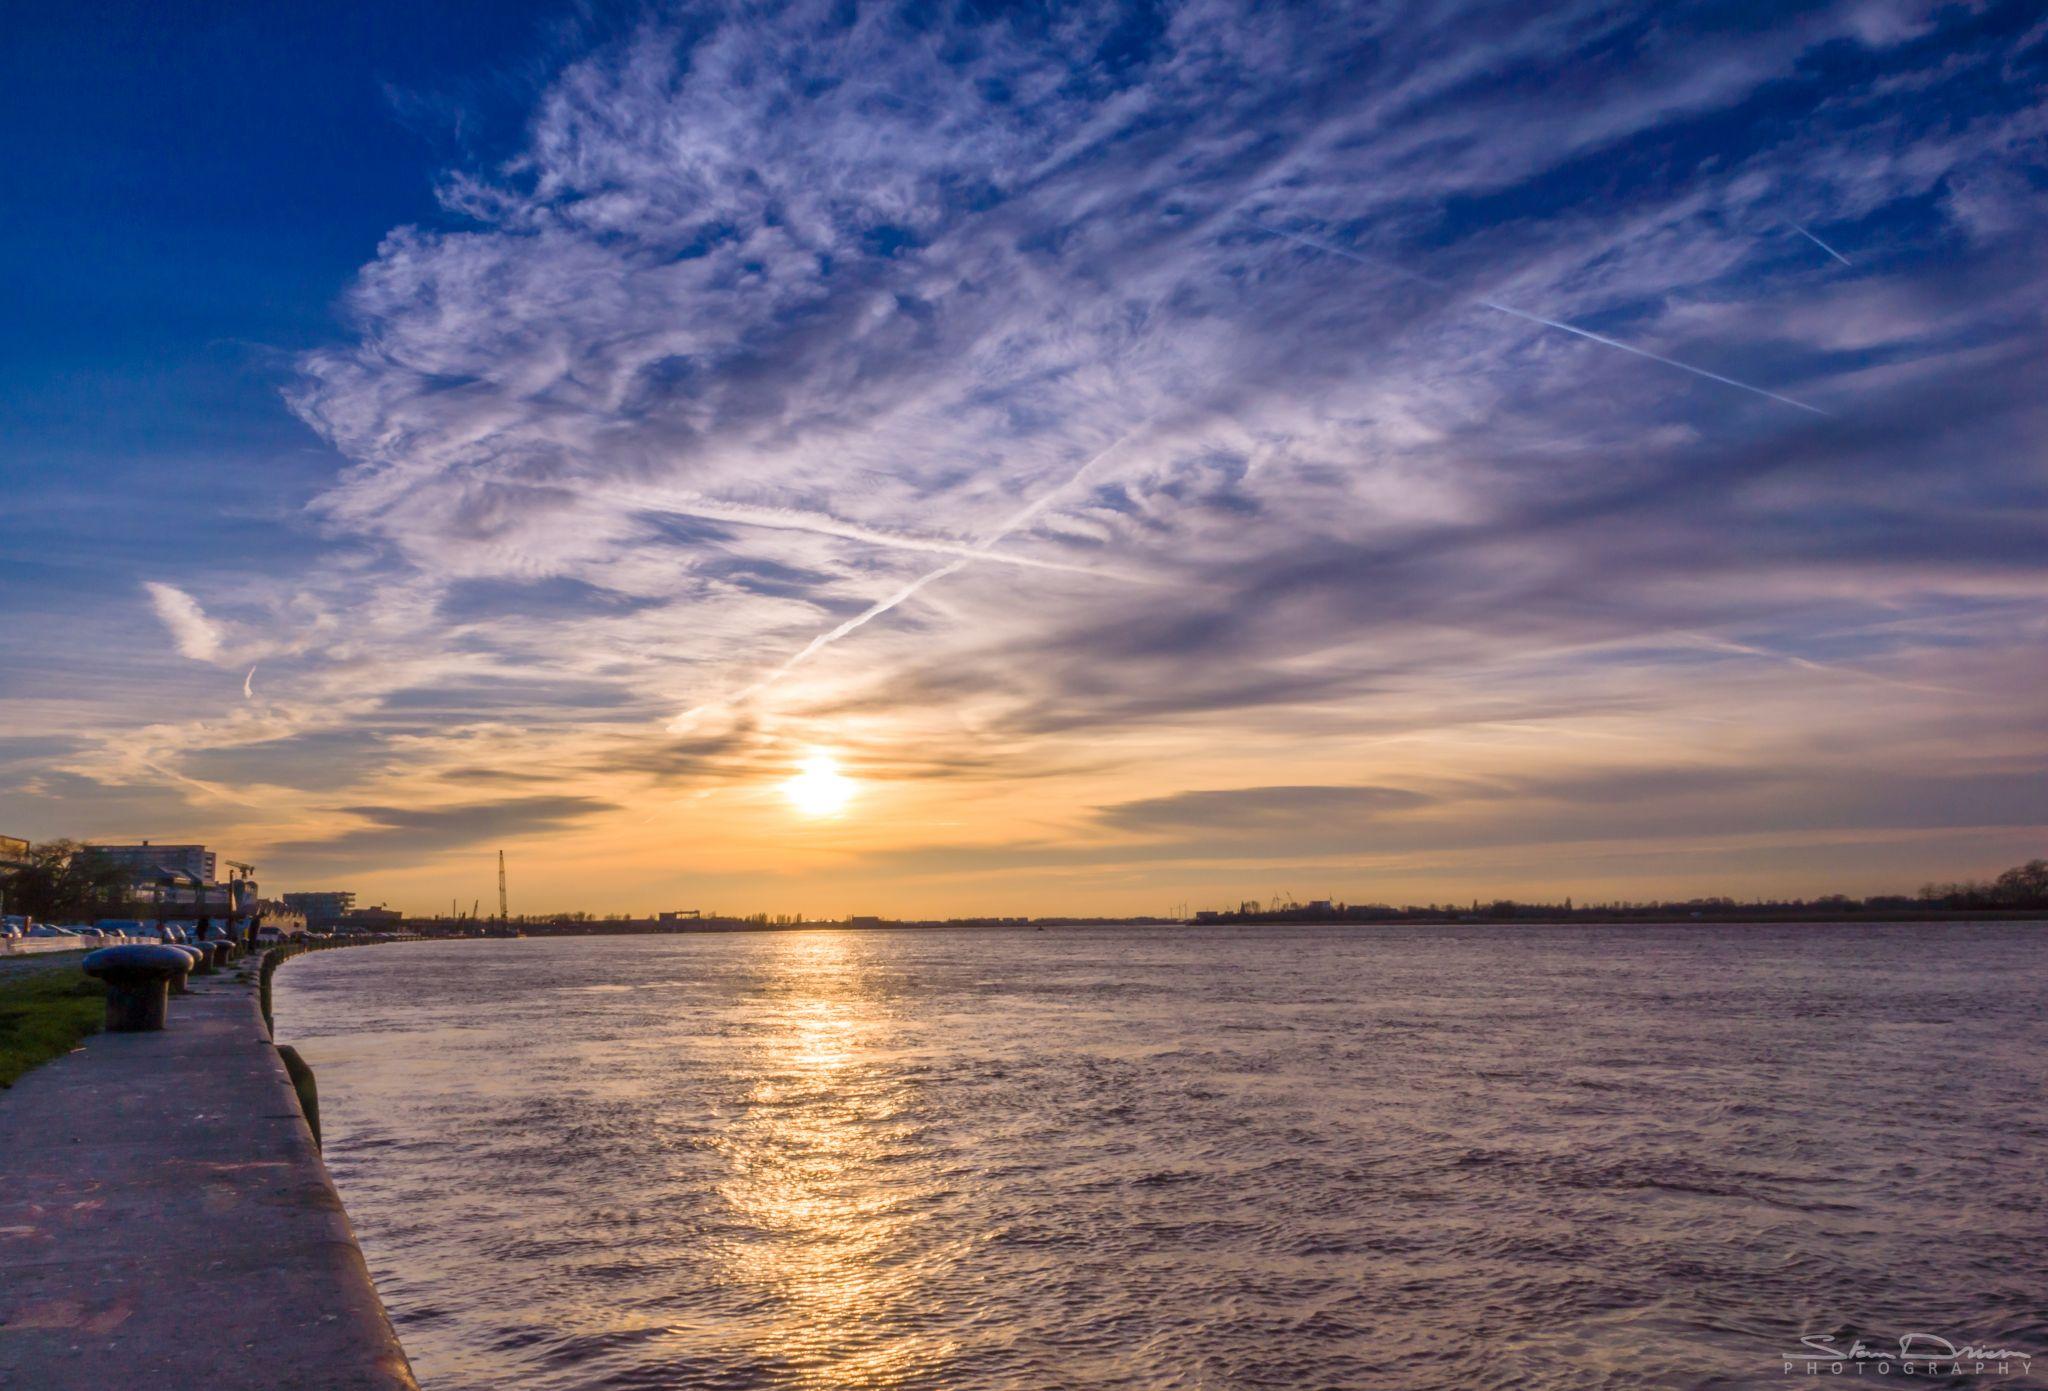 River Schelde Sunset, Belgium